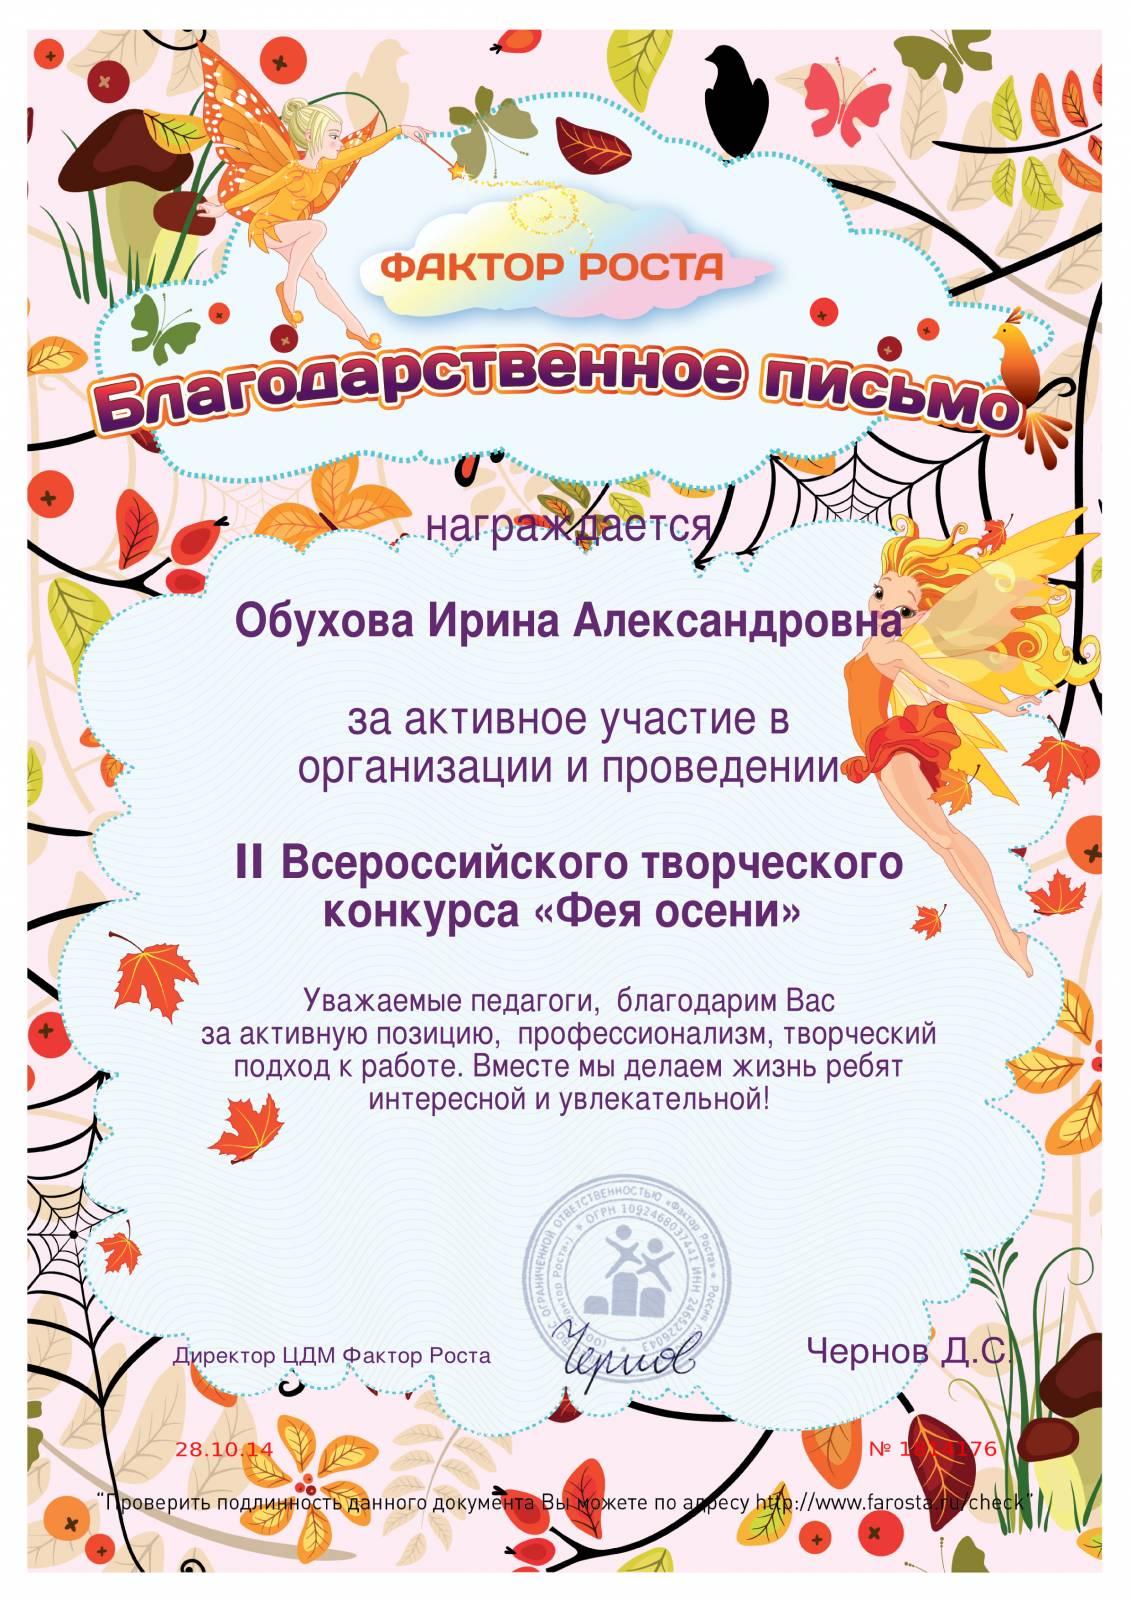 Благодарим вас за активное участие в конкурсе